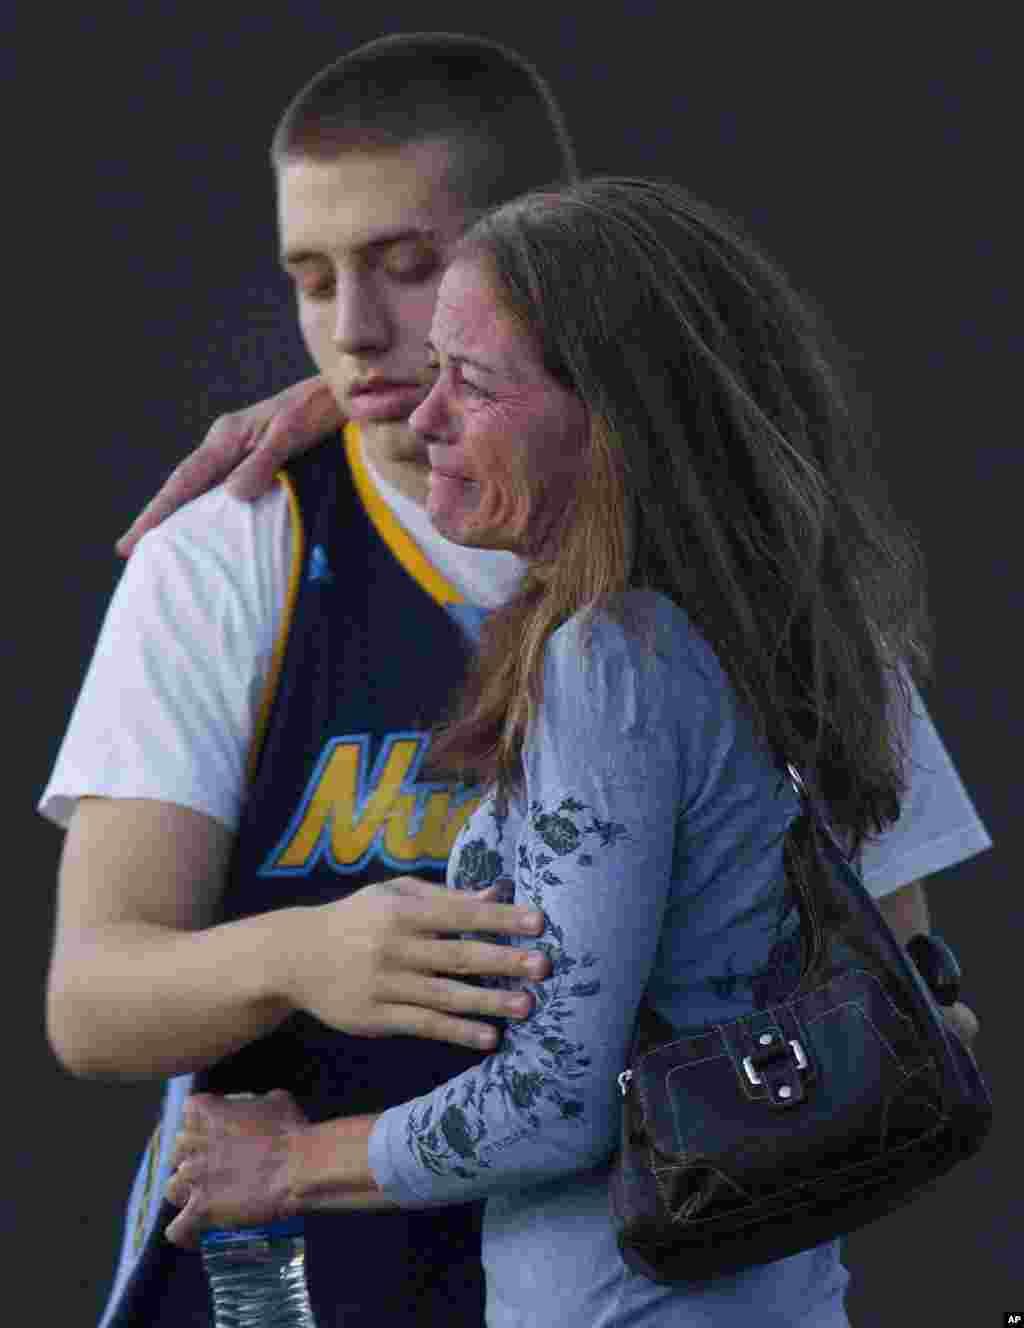 Jacob Stevens an ủi mẹ anh, bà Tammi Stevens, nhân chứng trong vụ nổ súng, sau khi được cảnh sát thẩm vấn.